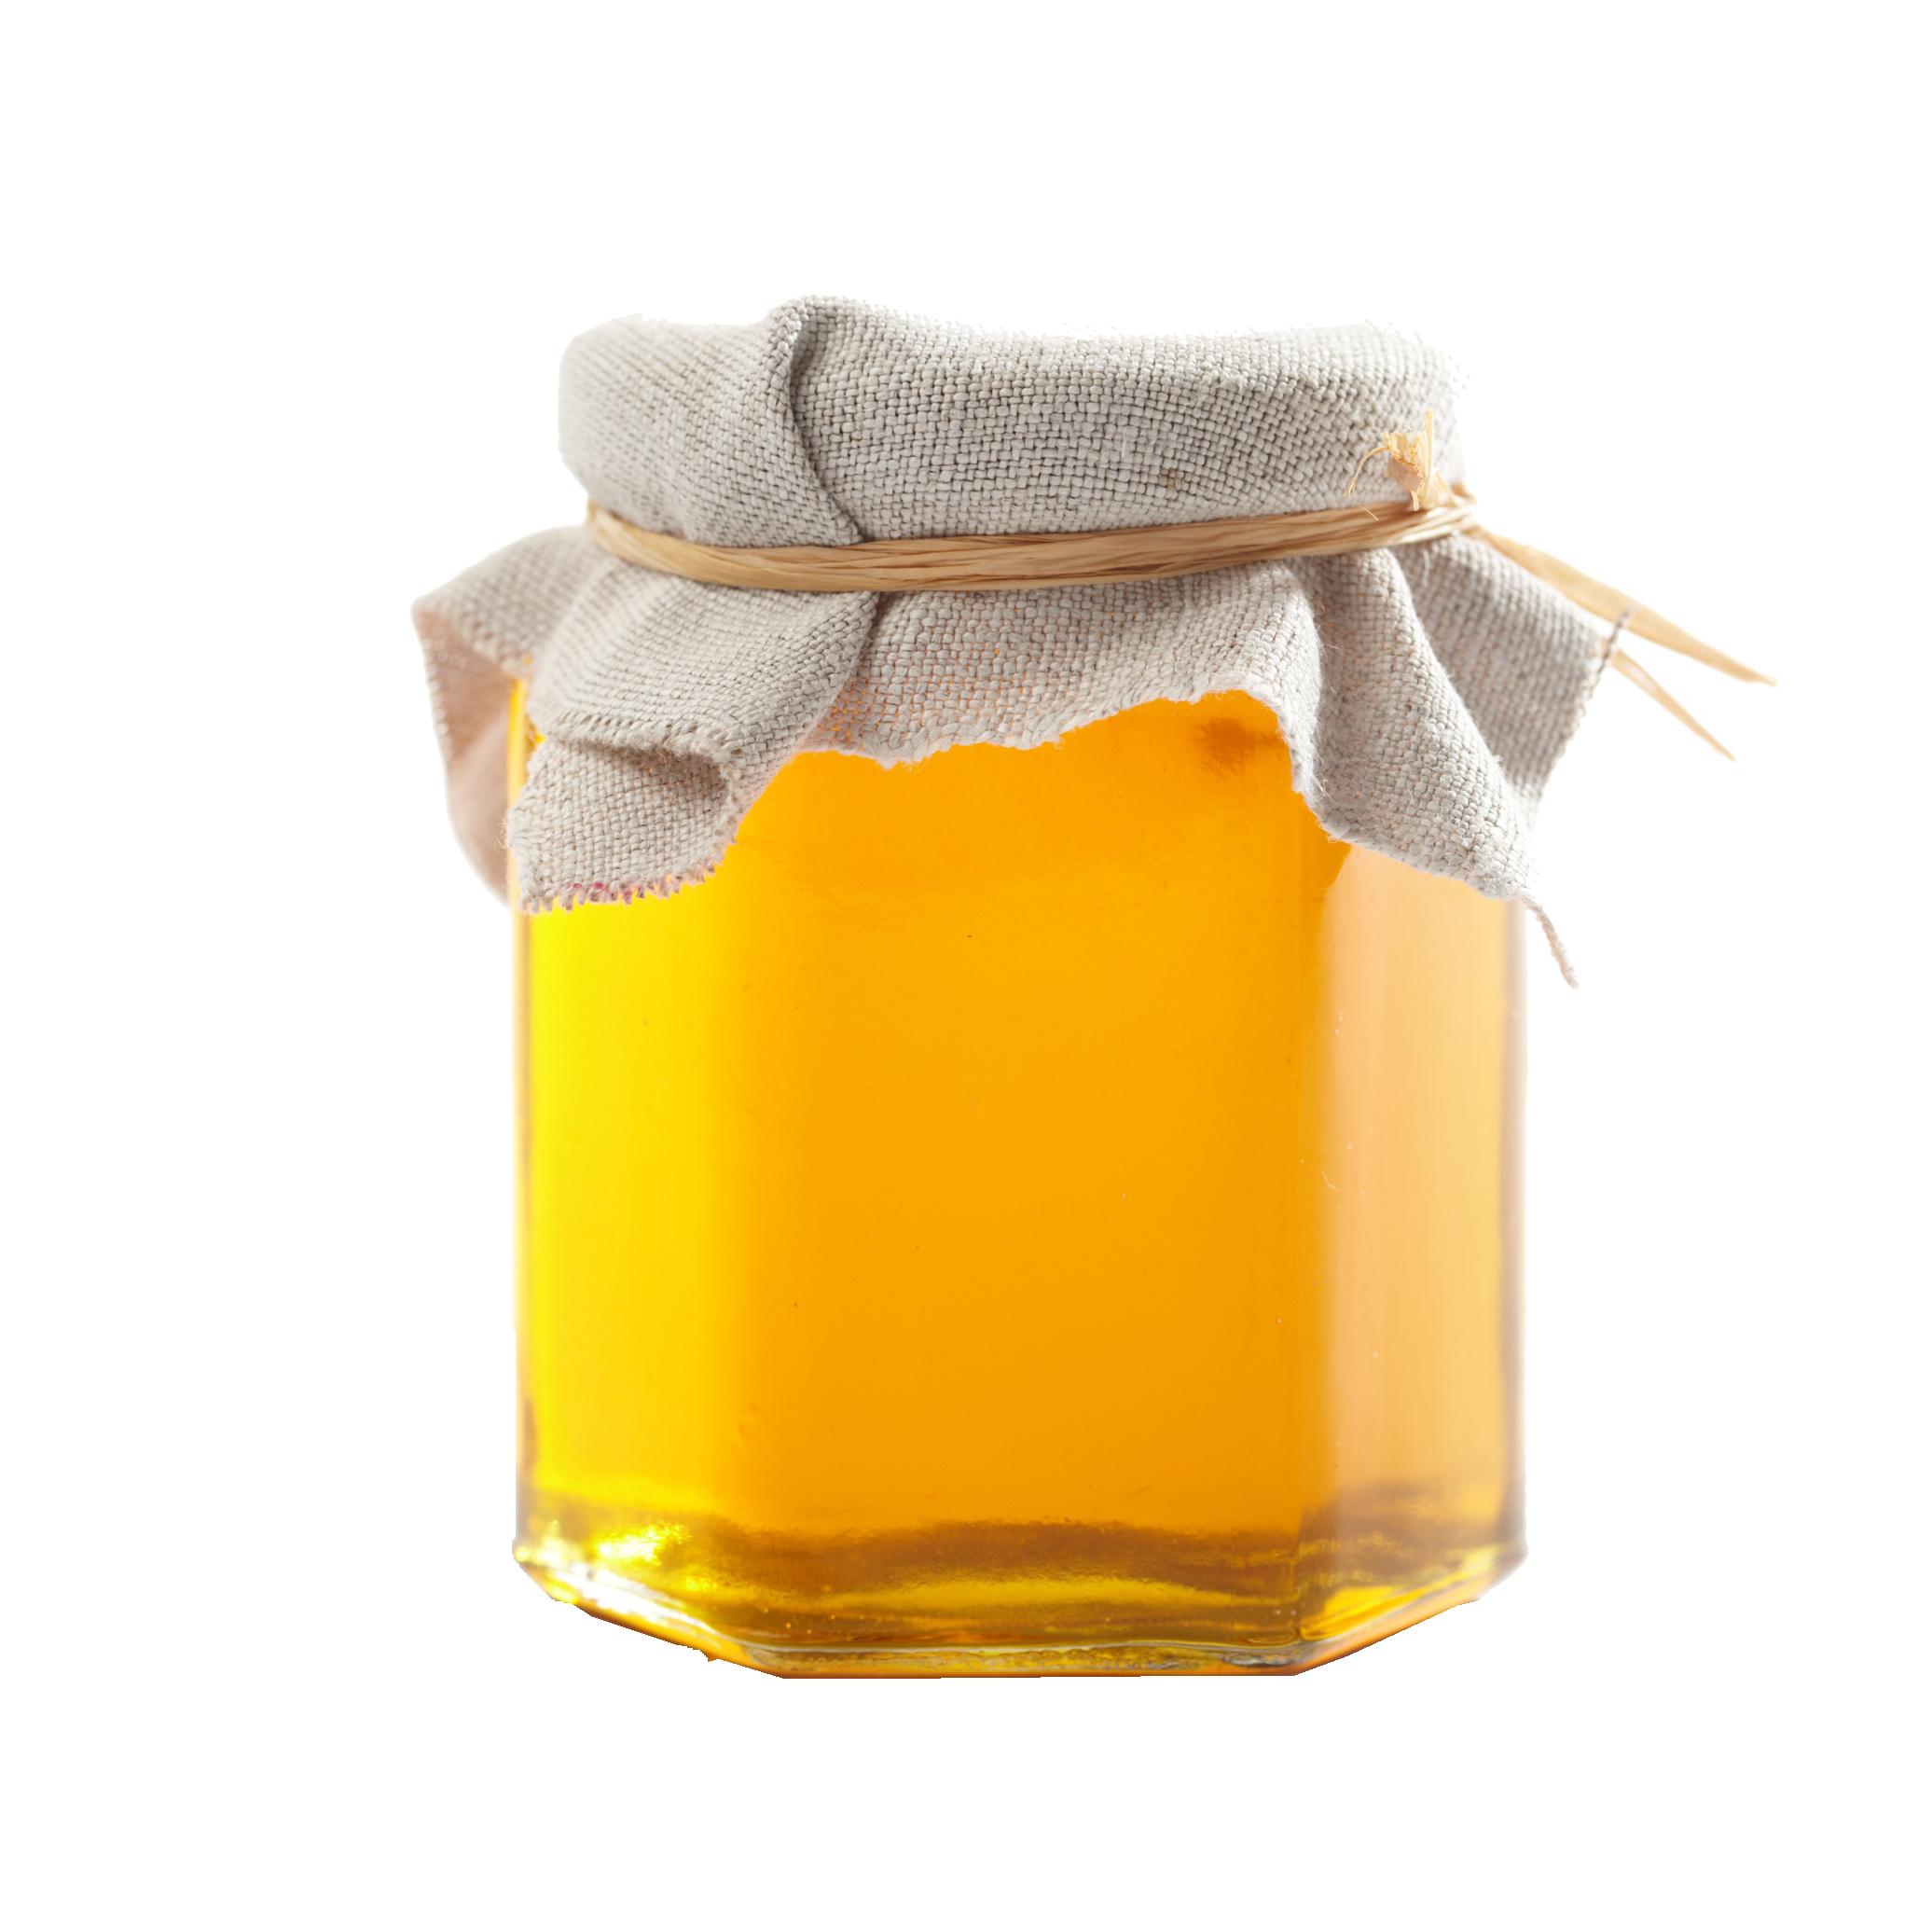 Honey PNG Images Transparent Background.